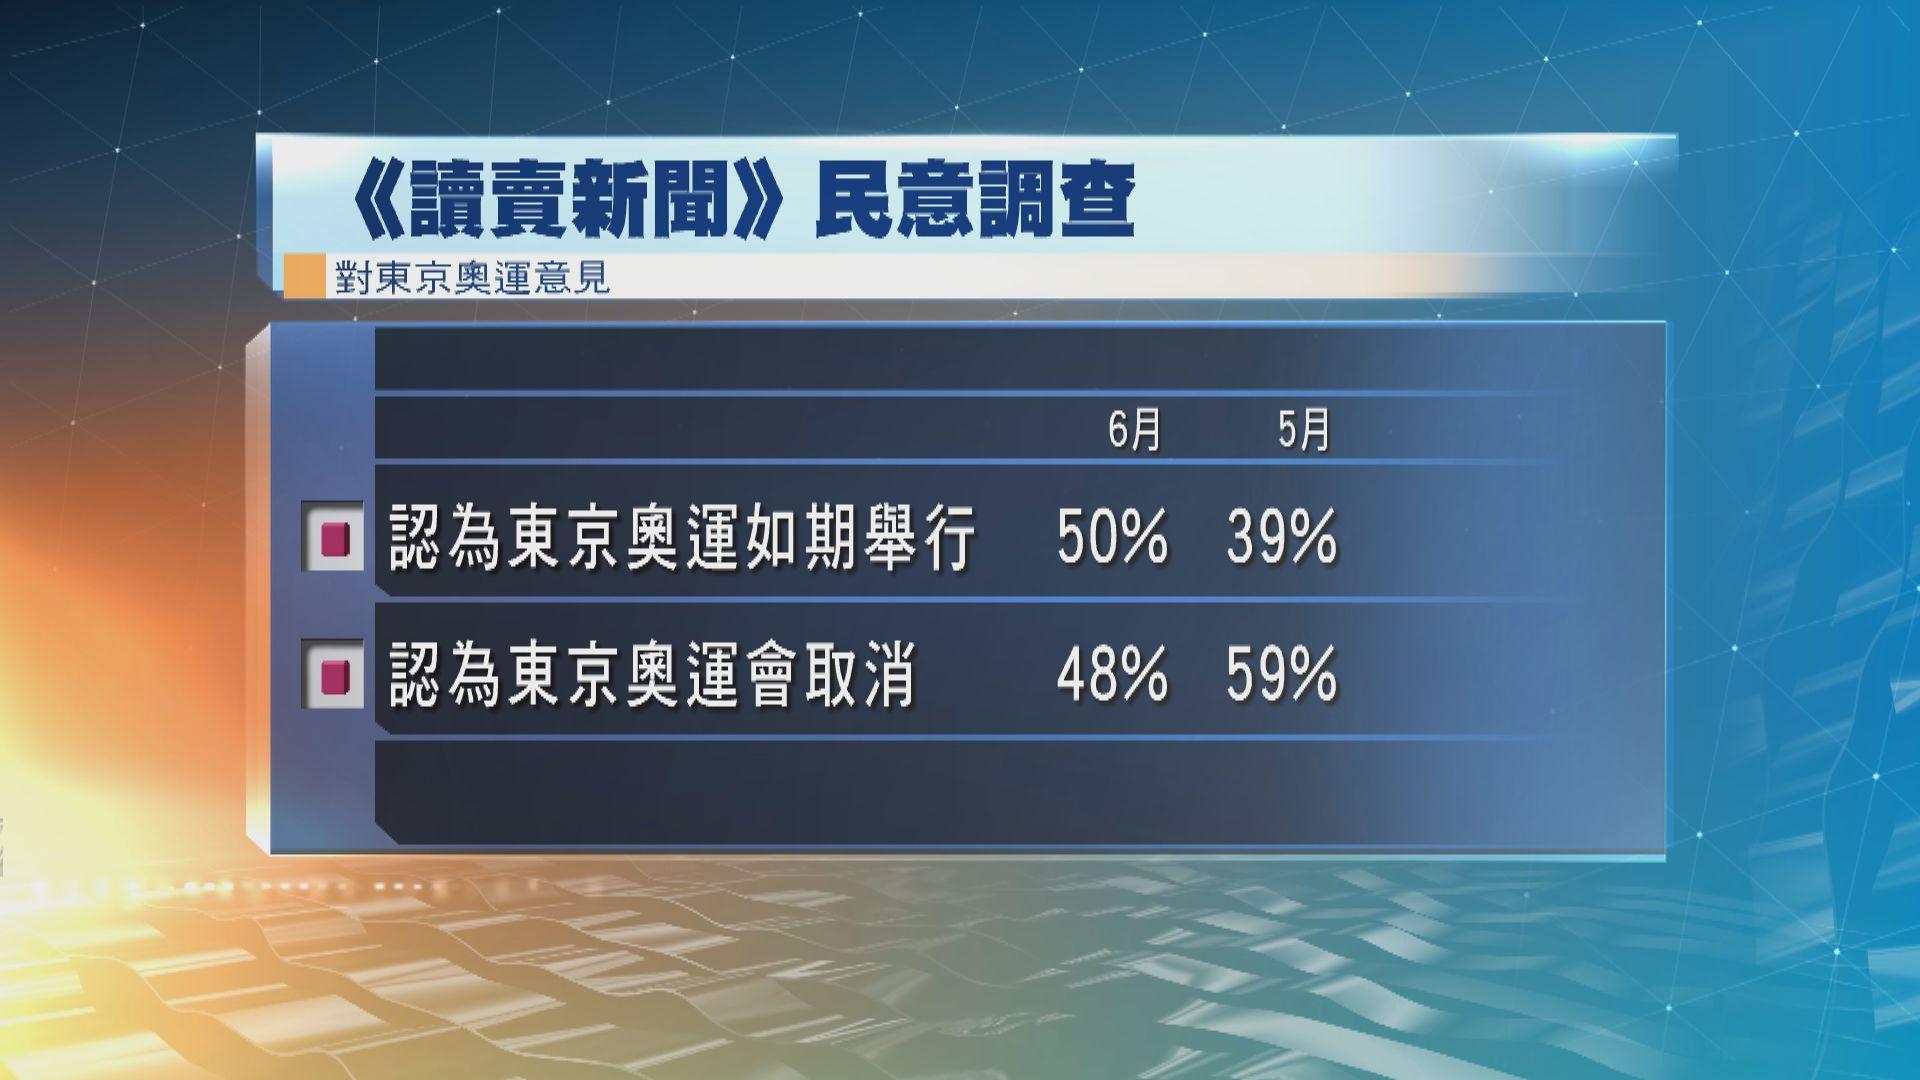 日本最新民調顯示民眾對東奧如期舉行信心增